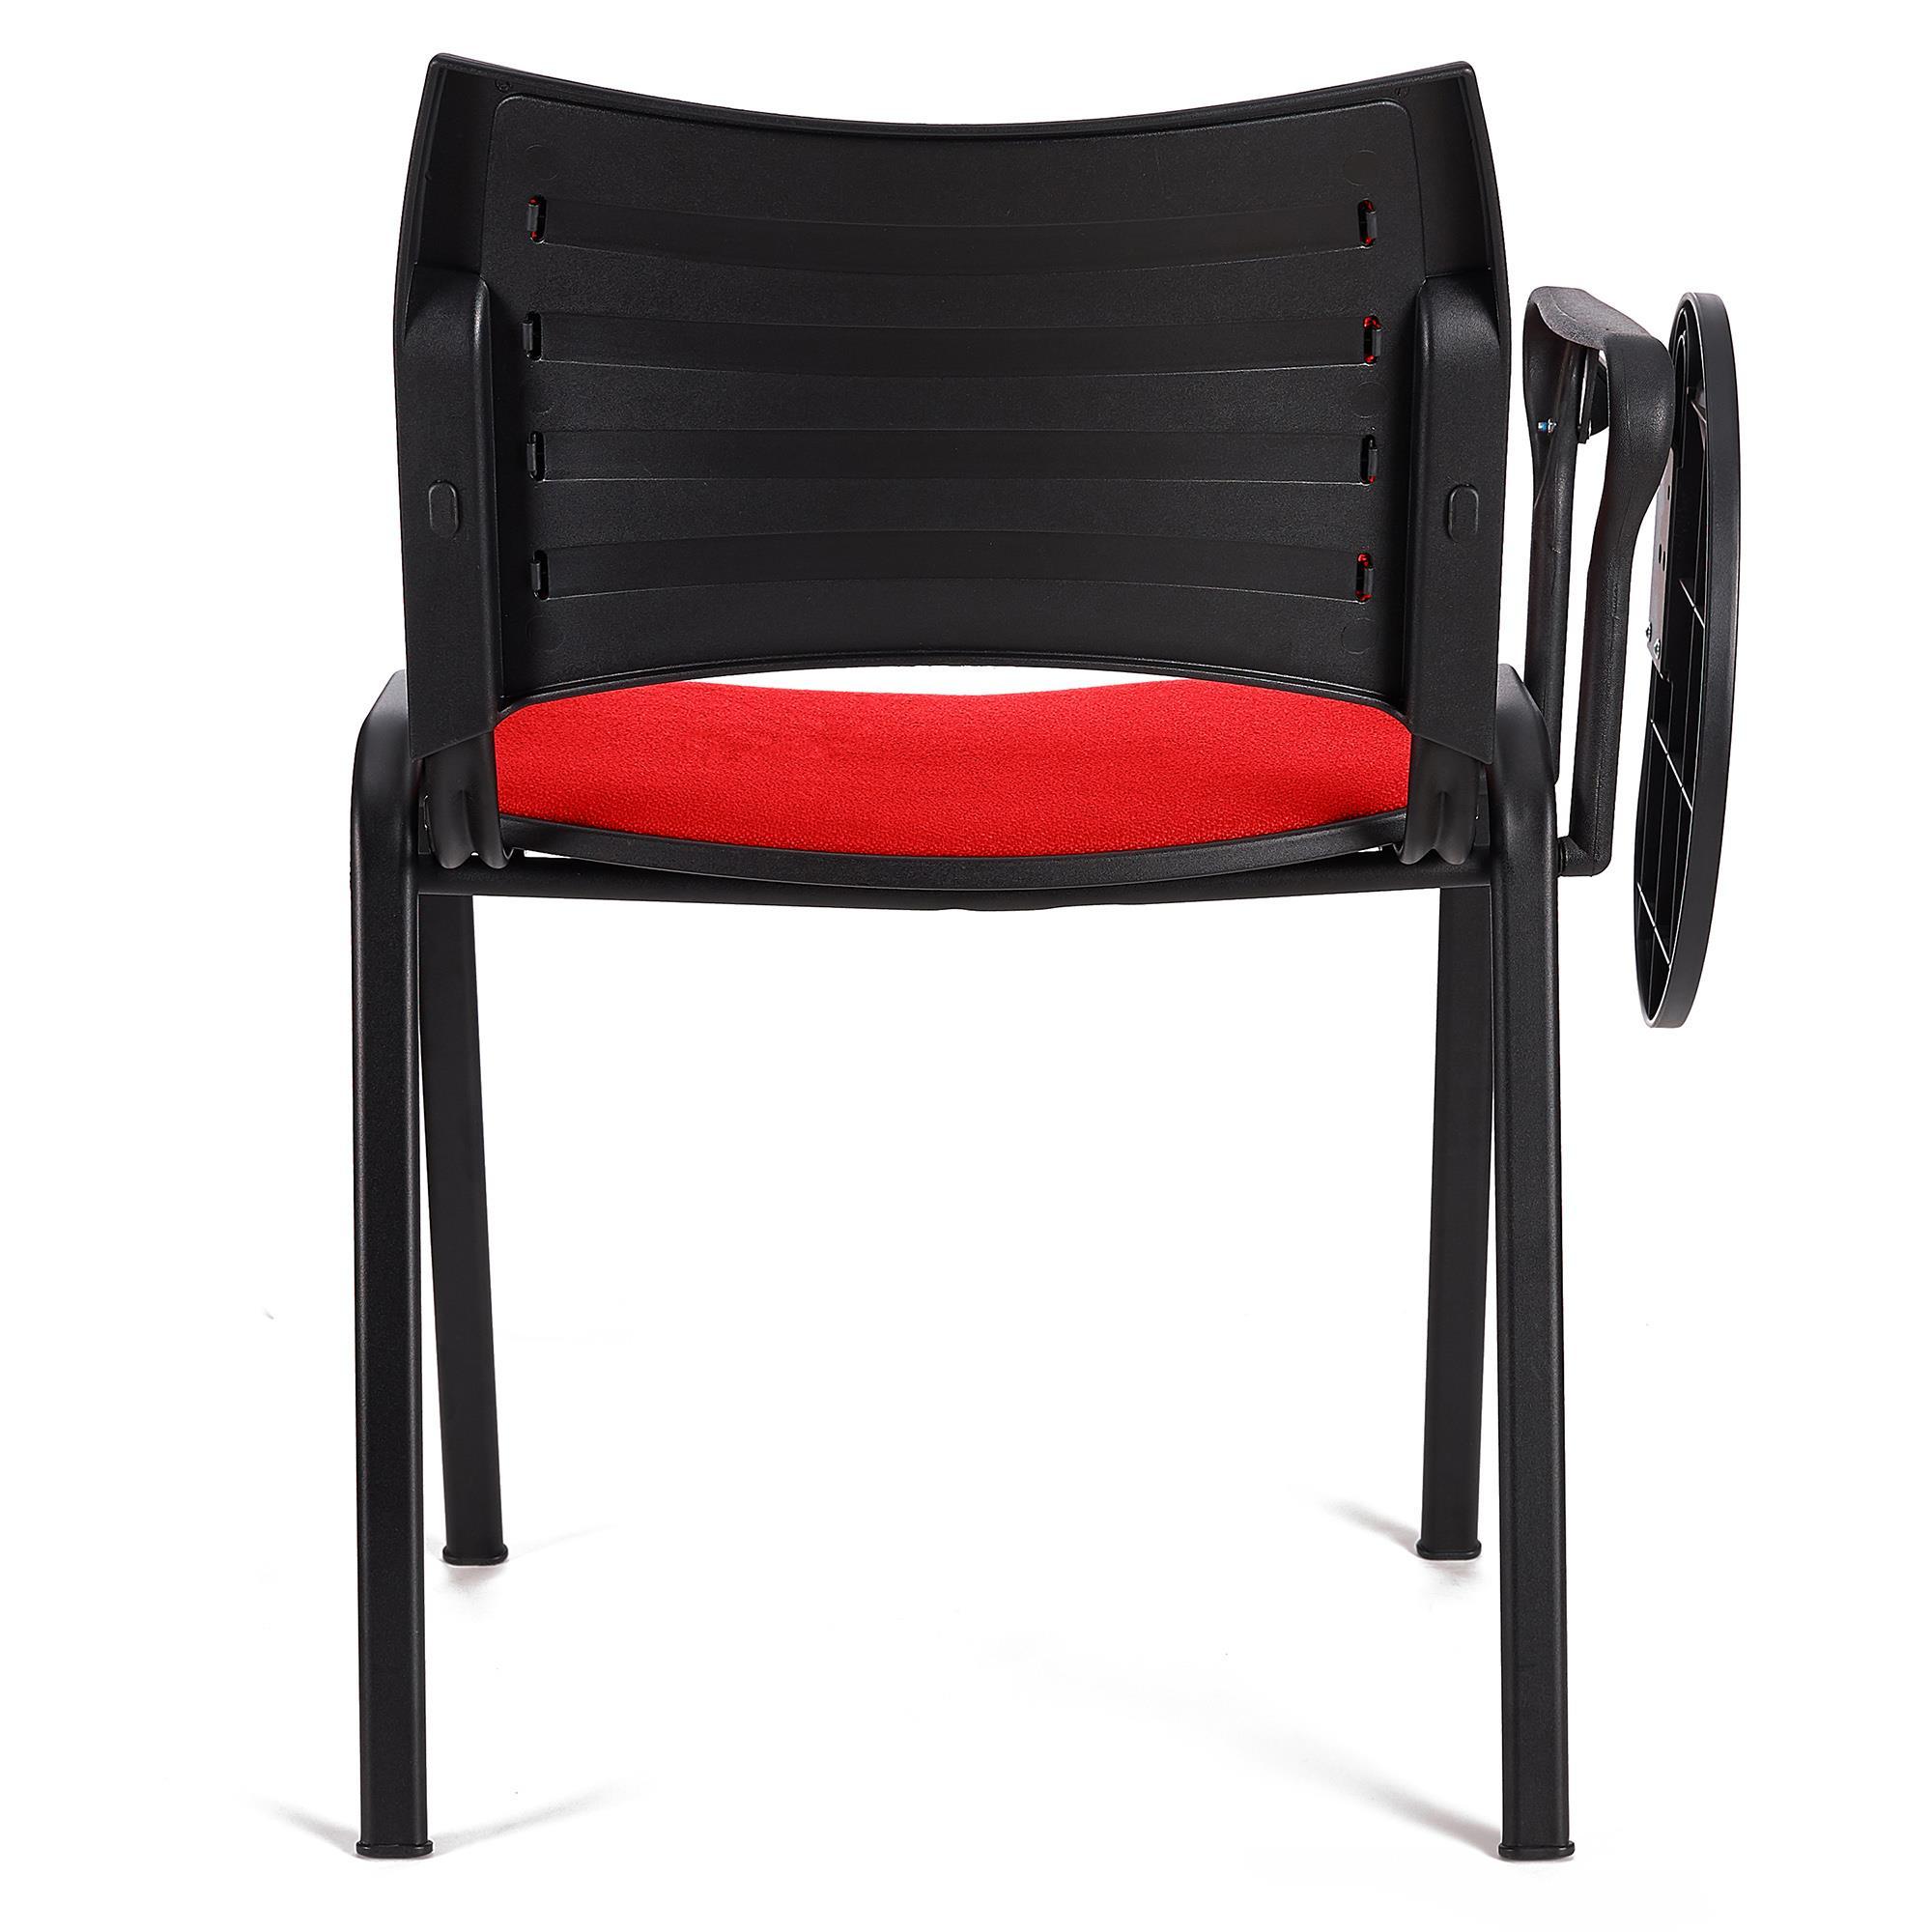 Sedia da Attesa ROMMEL CON SCRITTOIO, Comoda Imbottitura, Impilabile, in  Rosso e Gambe Nere